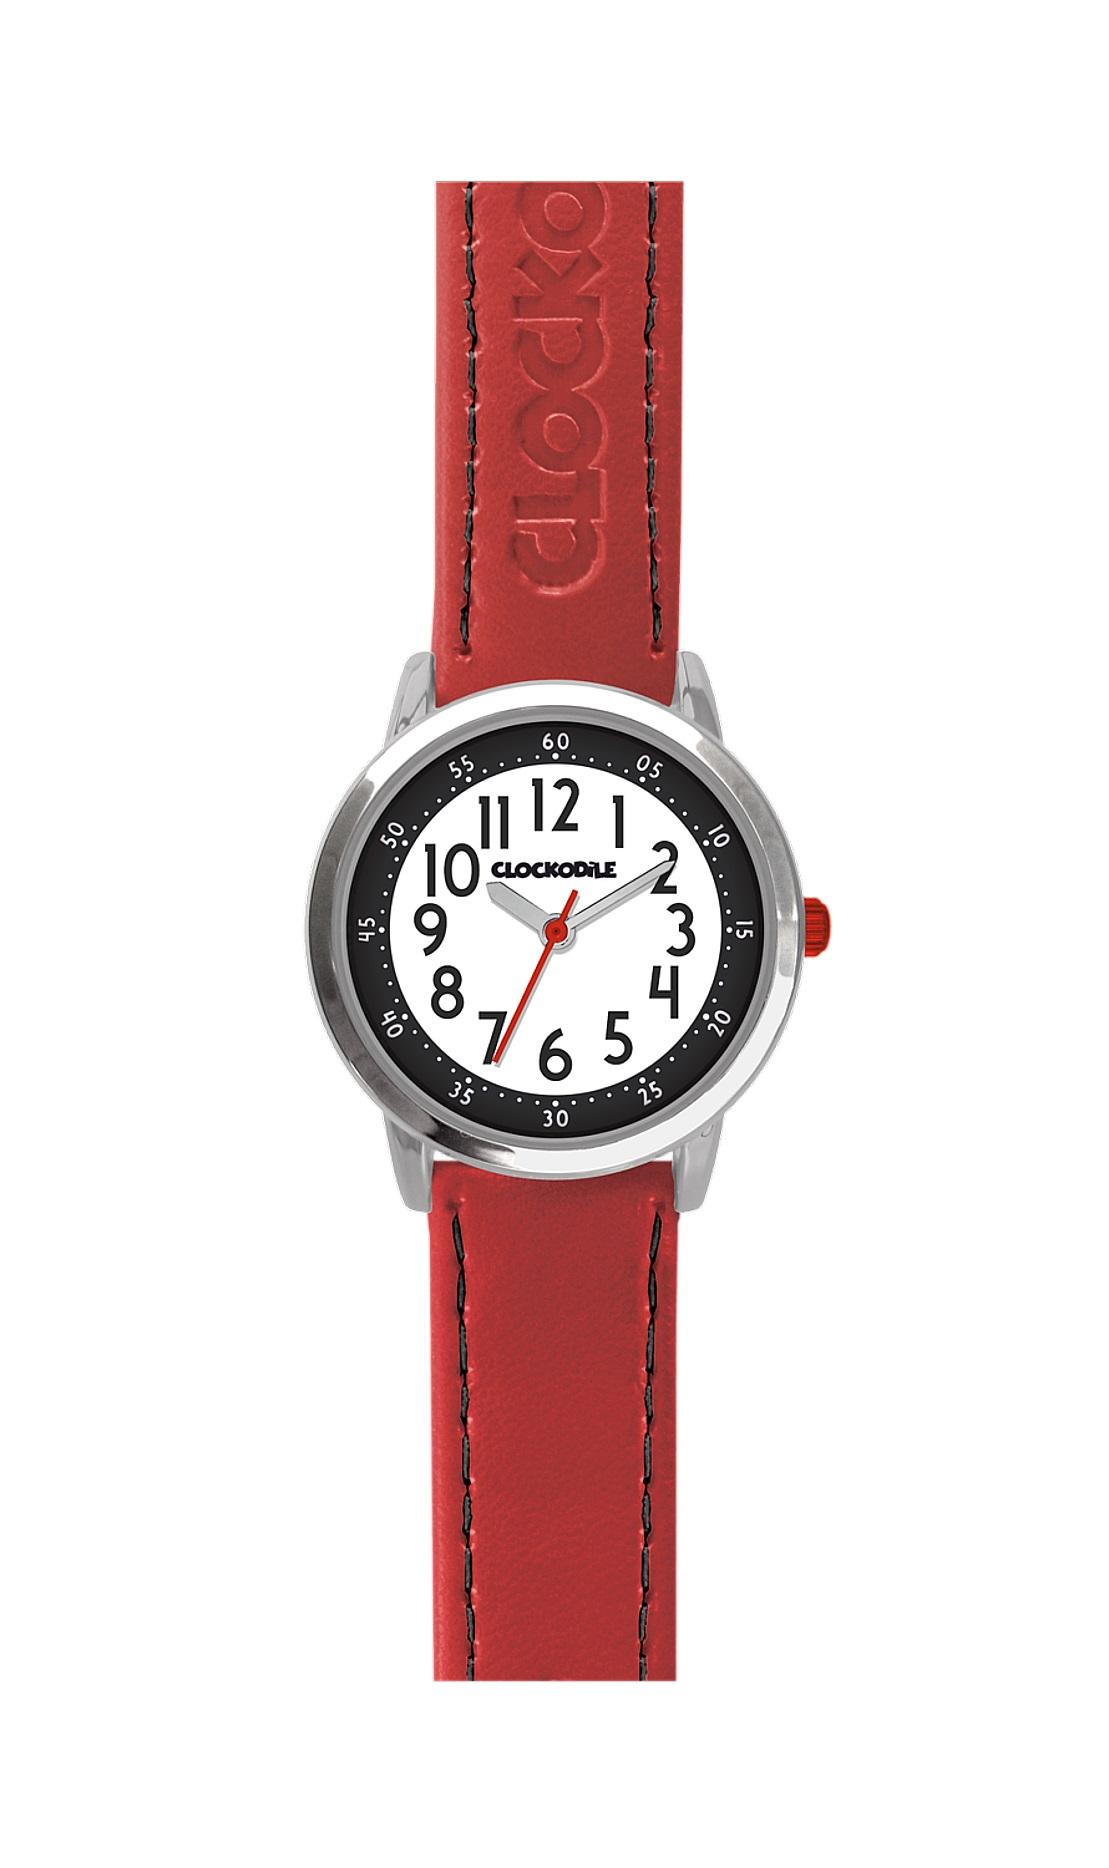 Dětské červené chlapecké hodinky CLOCKODILE COLOUR CWB0010 (CWB0010 - dětské hodinky)